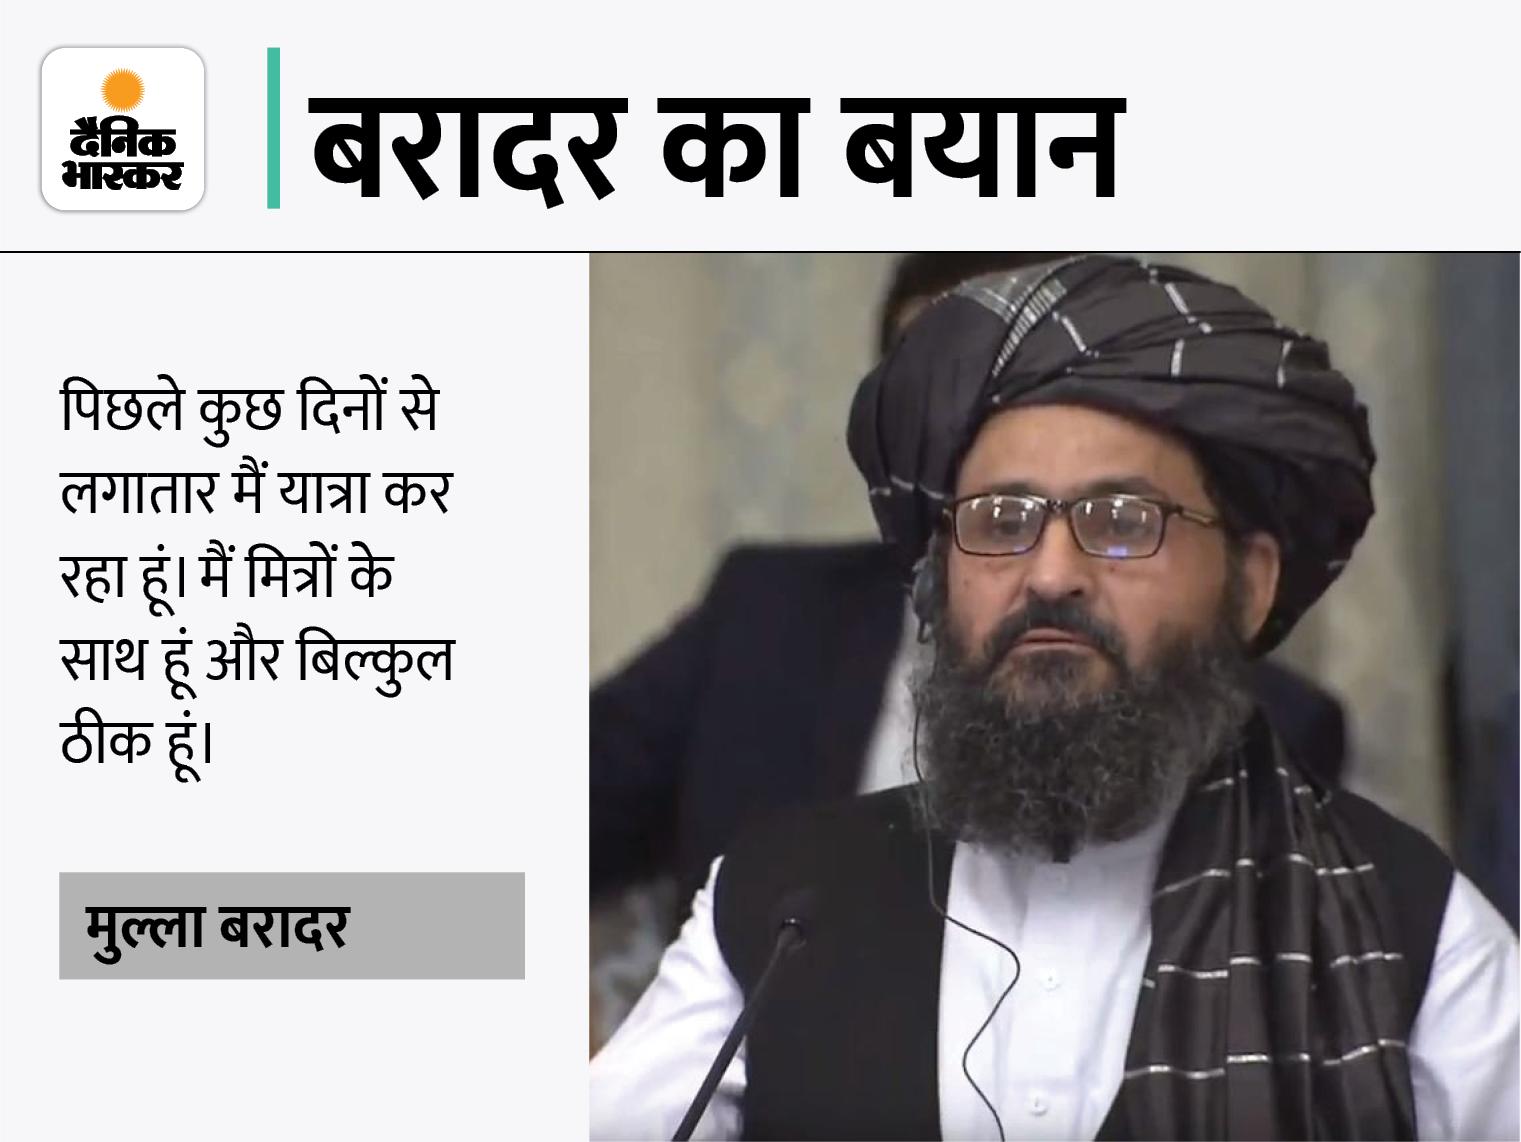 तालिबान के नंबर 2 और अफगानिस्तान के डिप्टी PM बरादर ने ऑडियो जारी कर मौत की खबरों का खंडन किया, कहा- सेहतमंद हूं|अफगान-तालिबान,Afghan-Taliban - Dainik Bhaskar